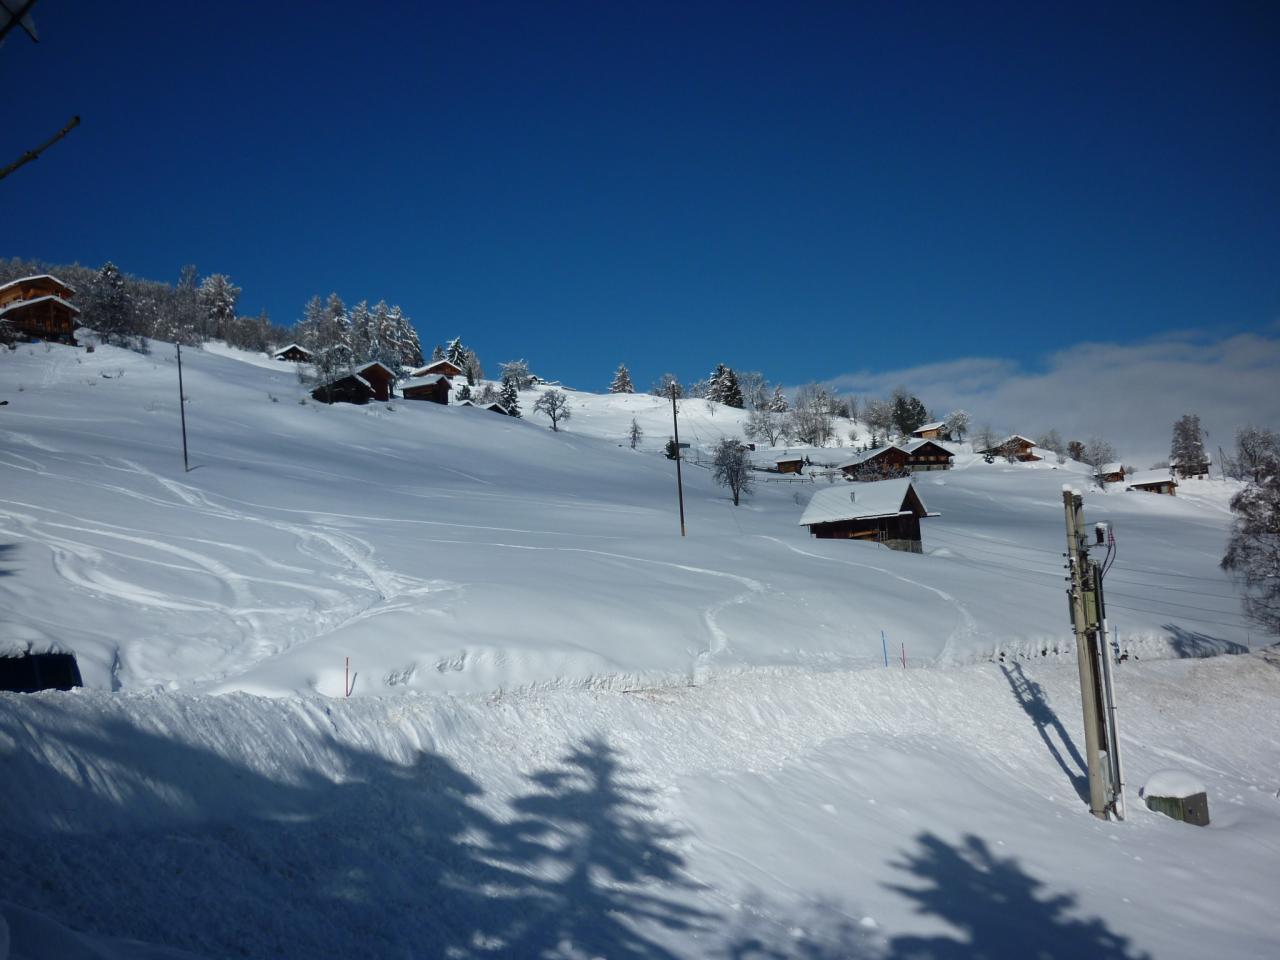 Bleusy hivernal